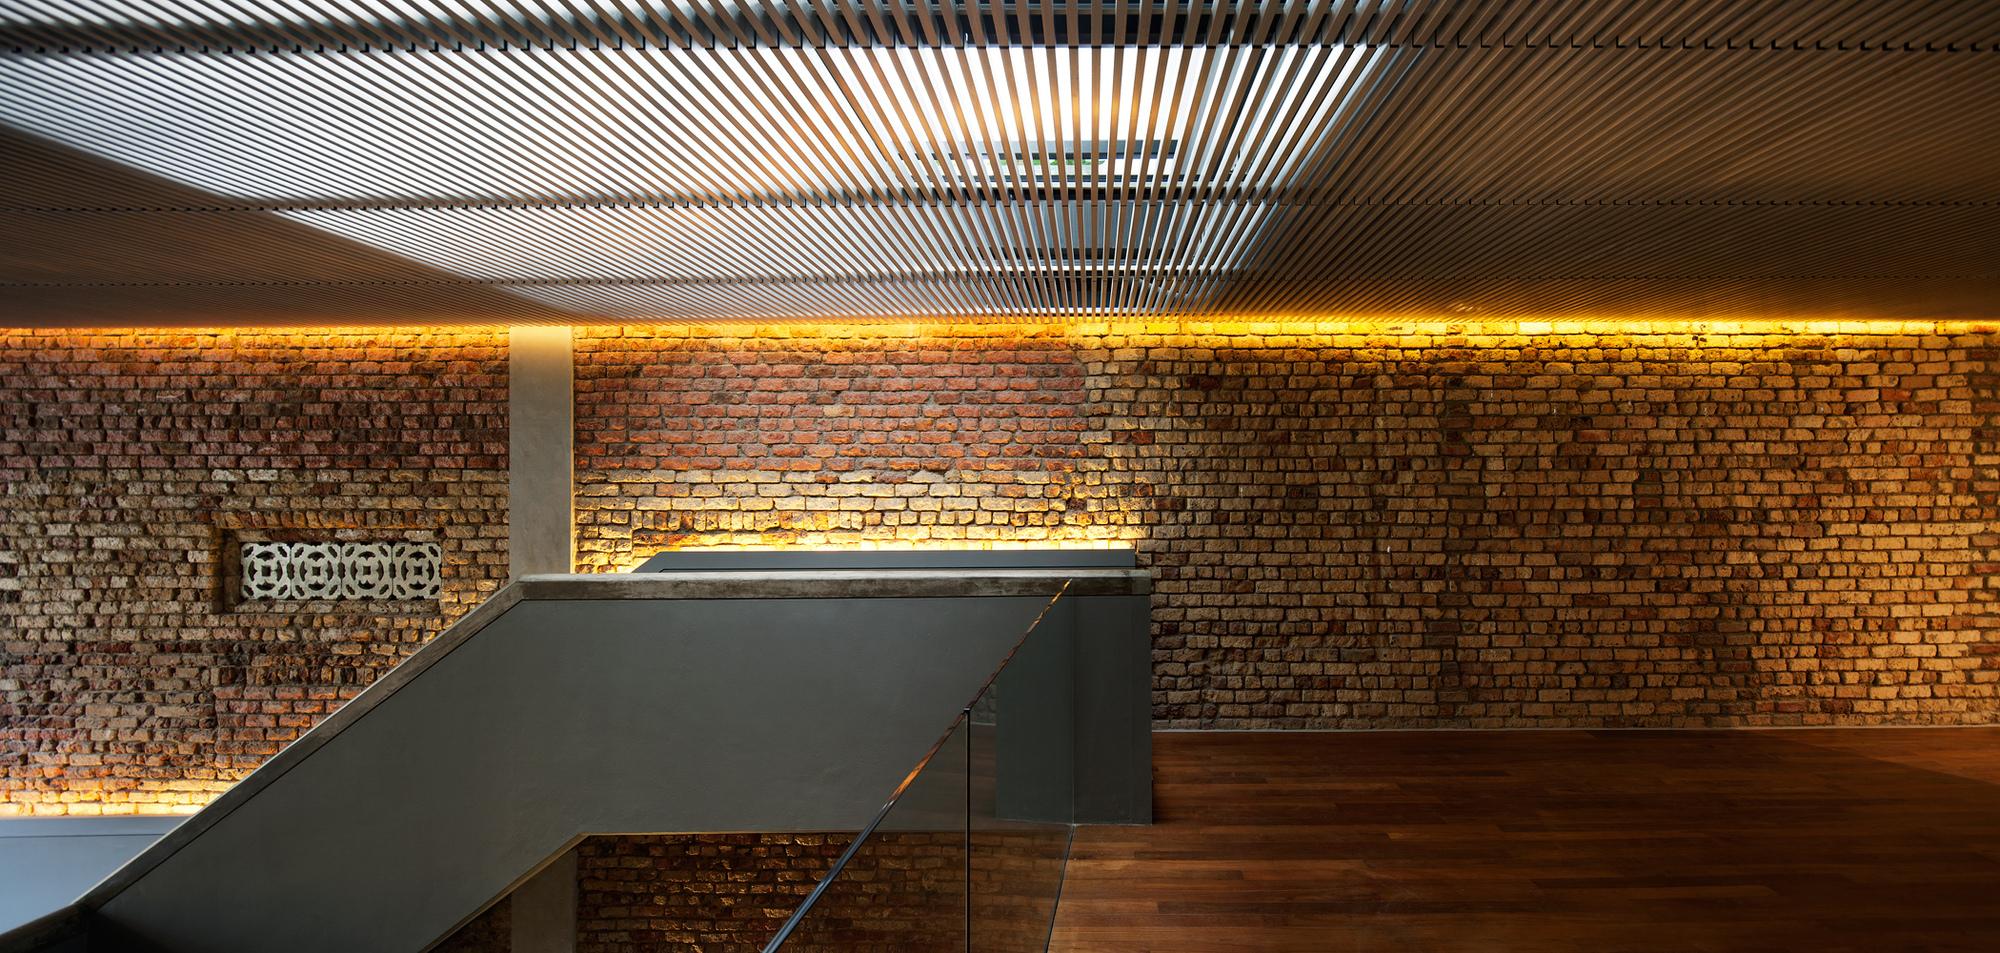 Ceglana ściana we współczesnej architekturzee